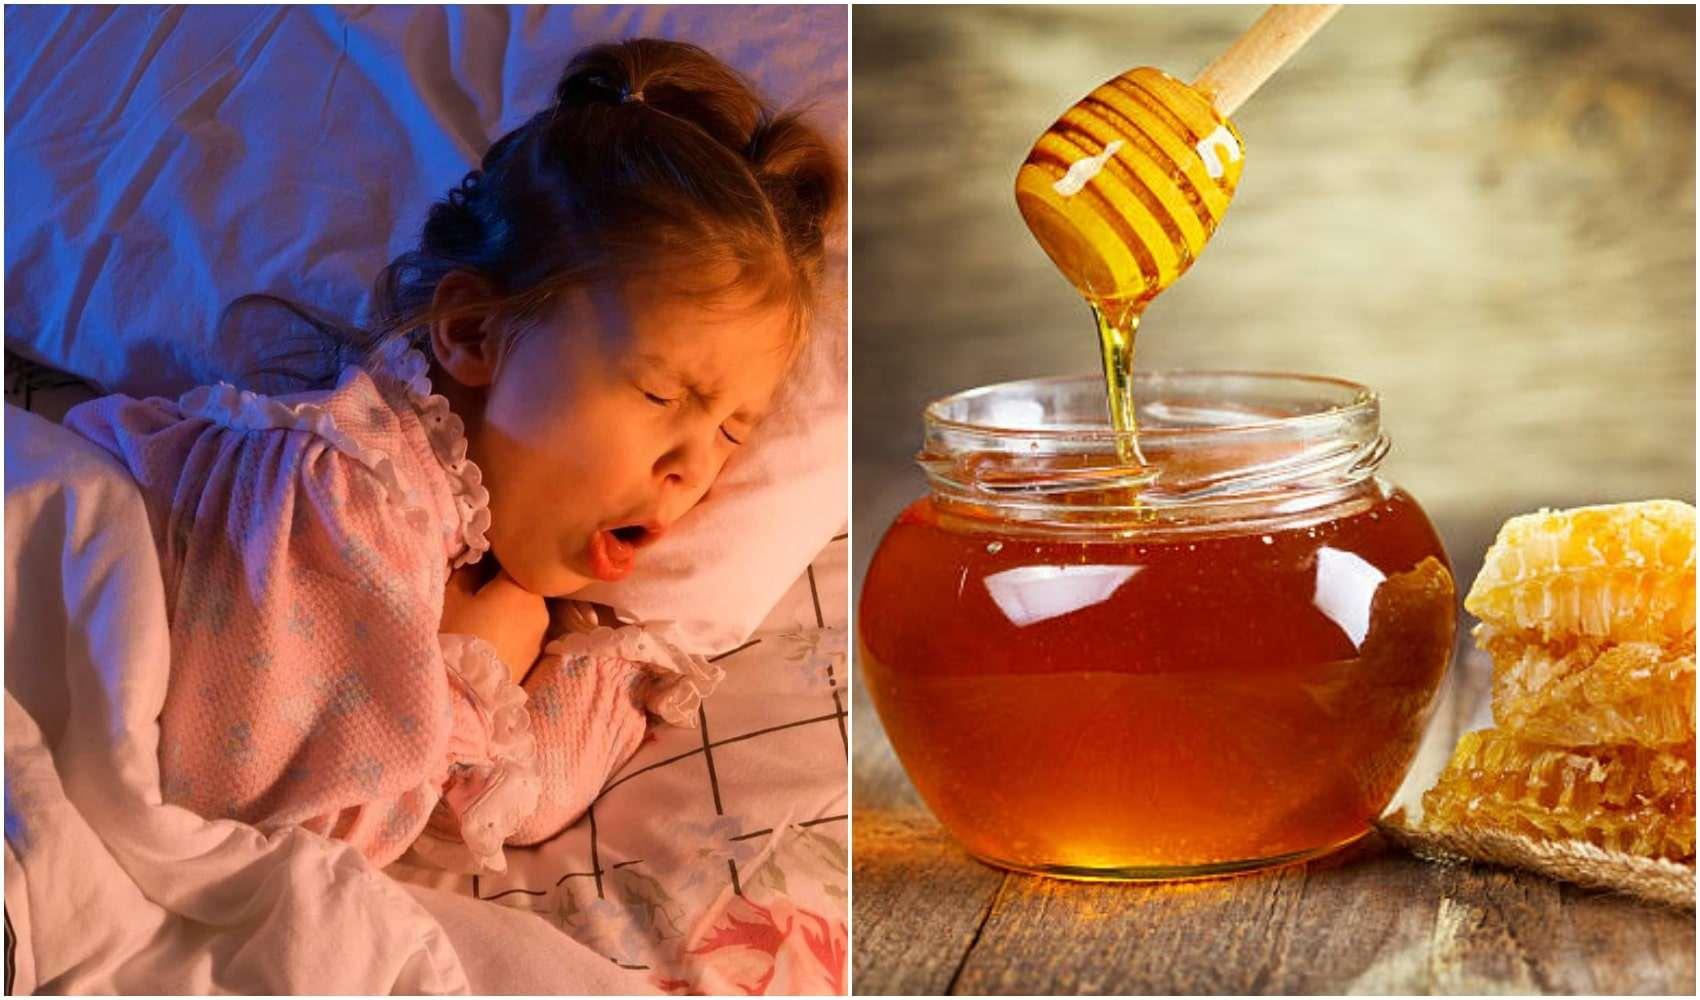 თაფლი აუმჯობესებს მწვავე ხველას ღამით